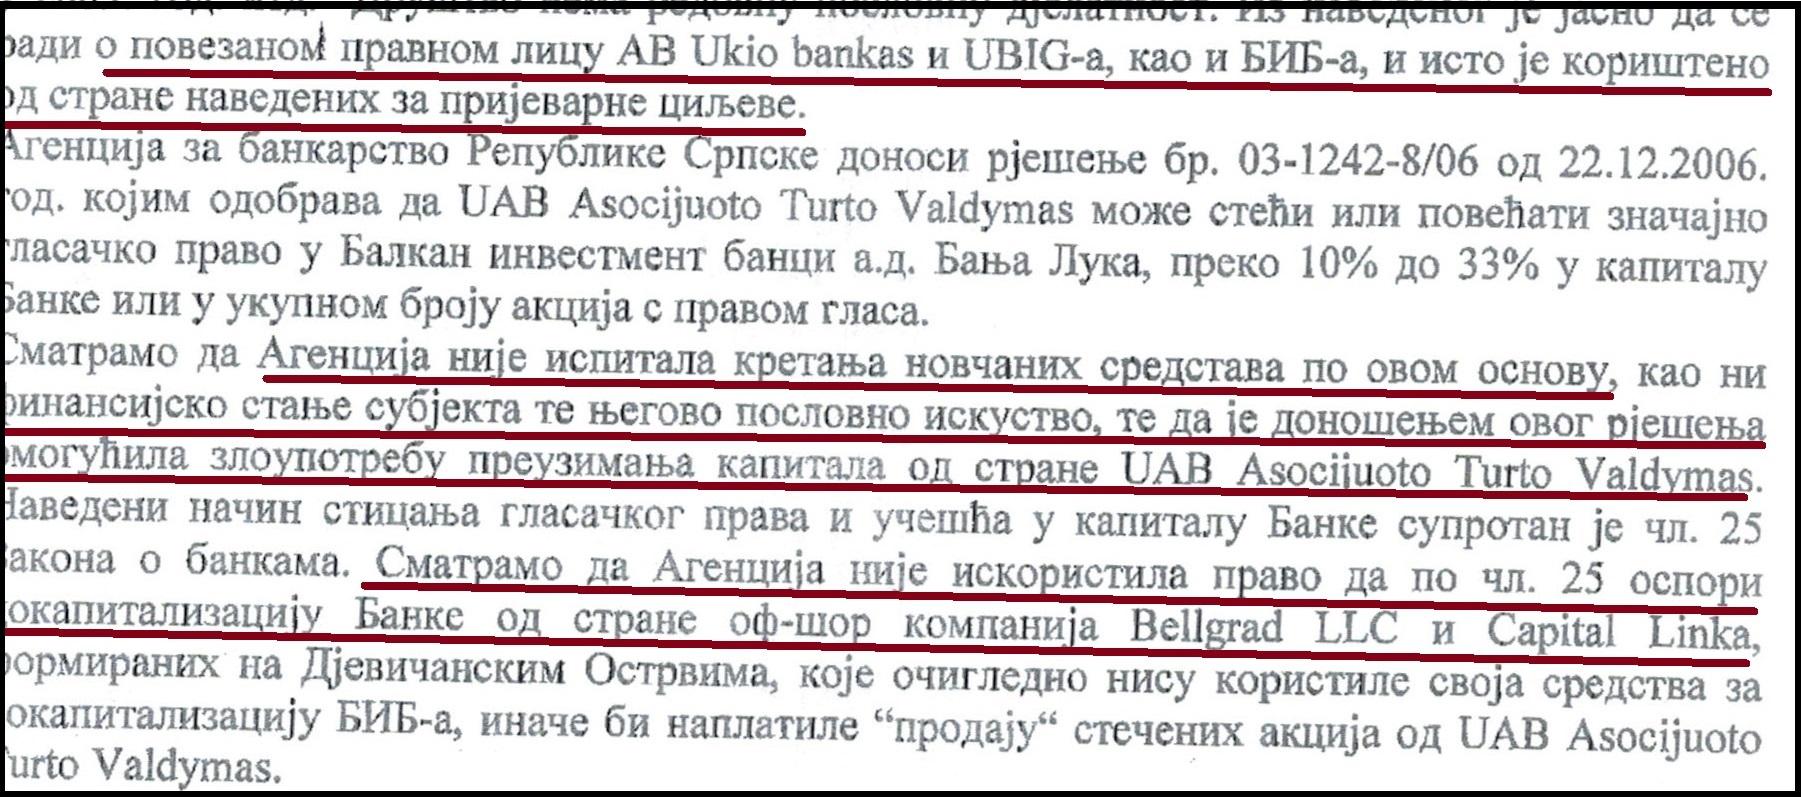 EKSKLUZIVNO: Agencija za bankarstvo omogućila pljačku BIB (II)